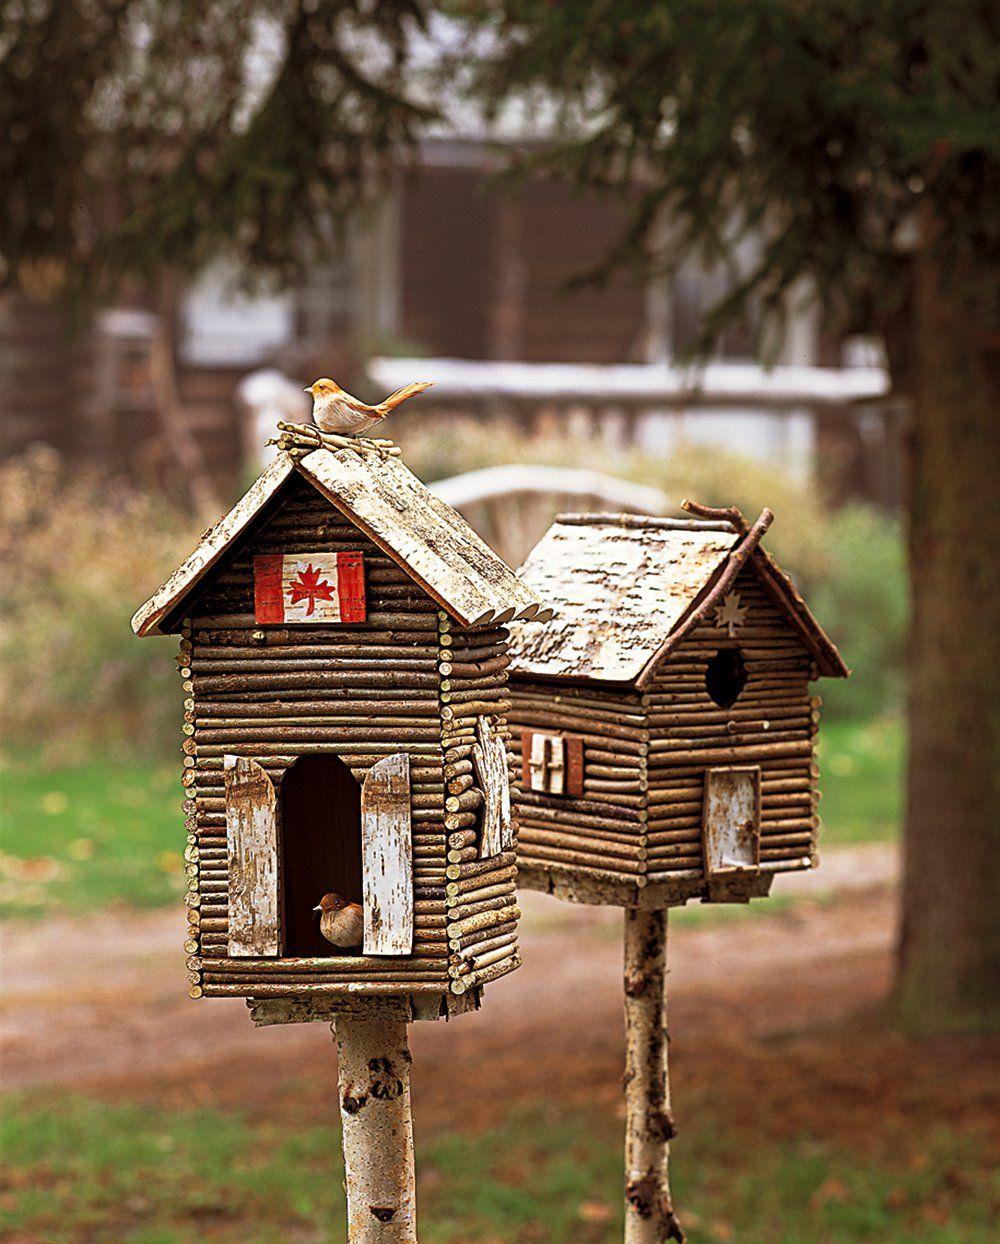 des cabanes oiseaux en branchages oiseaux. Black Bedroom Furniture Sets. Home Design Ideas